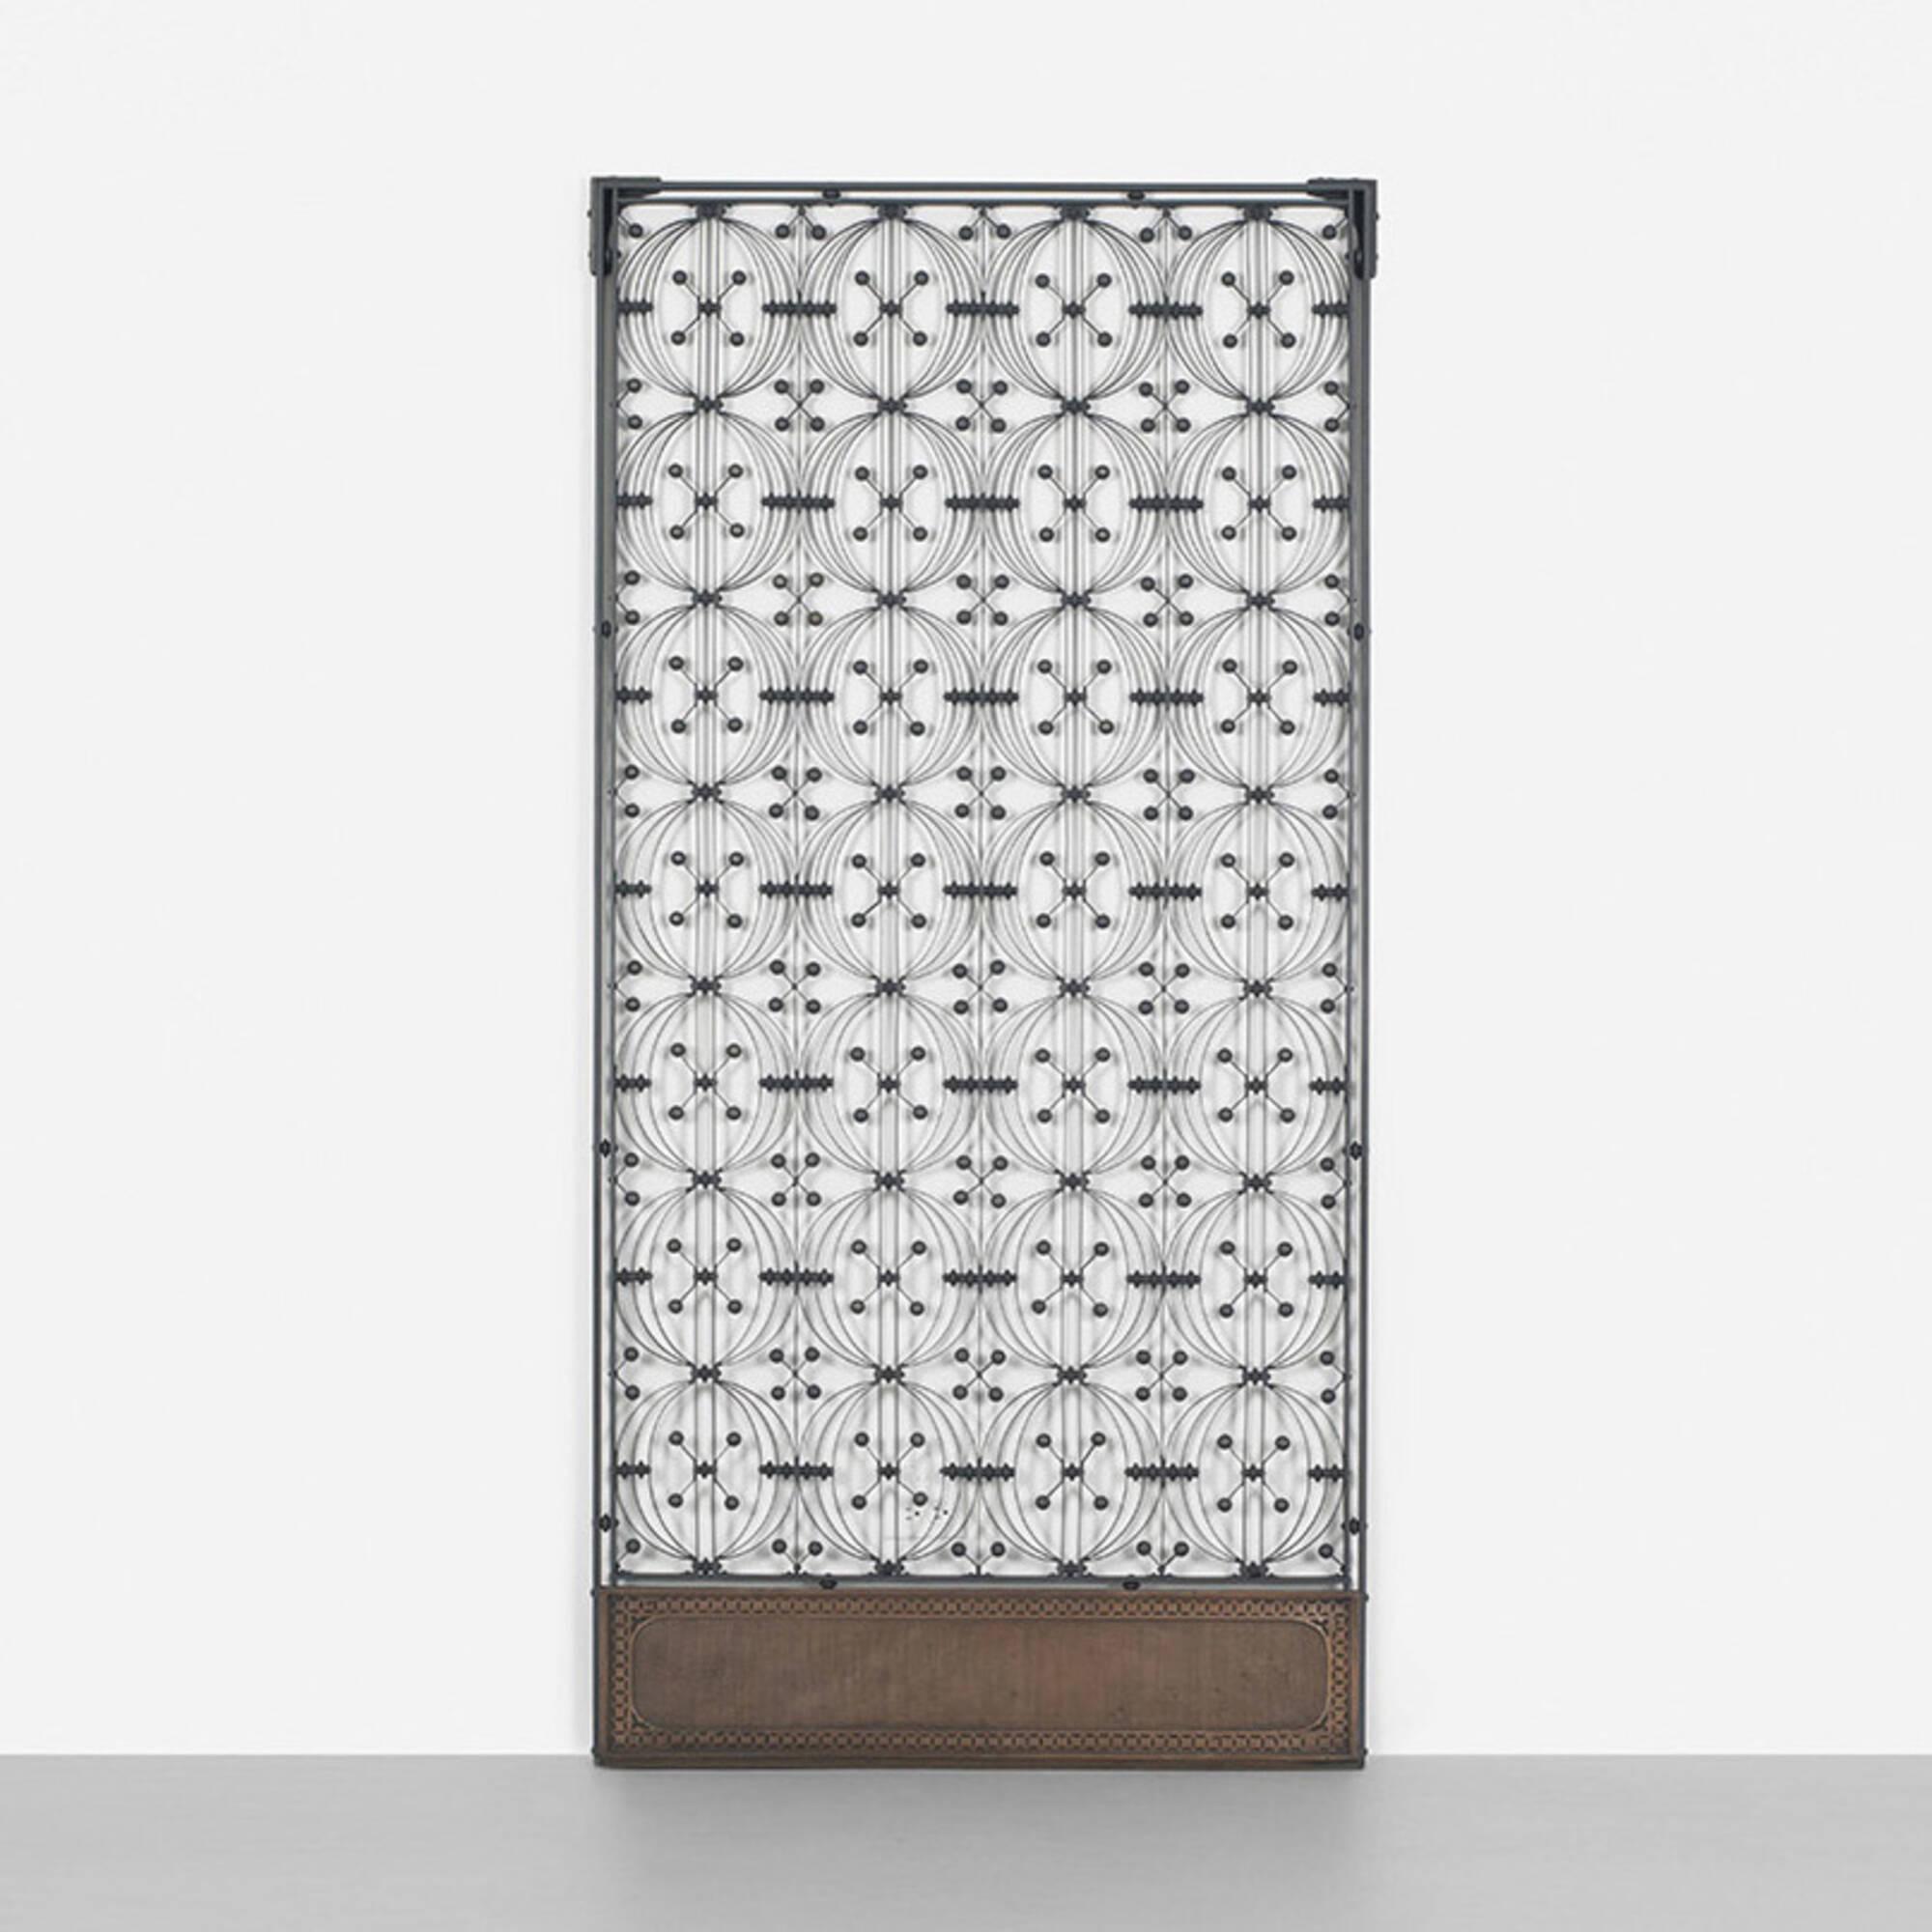 245: Dankmar Adler And Louis Sullivan / Elevator Door From The Chicago  Stock Exchange (